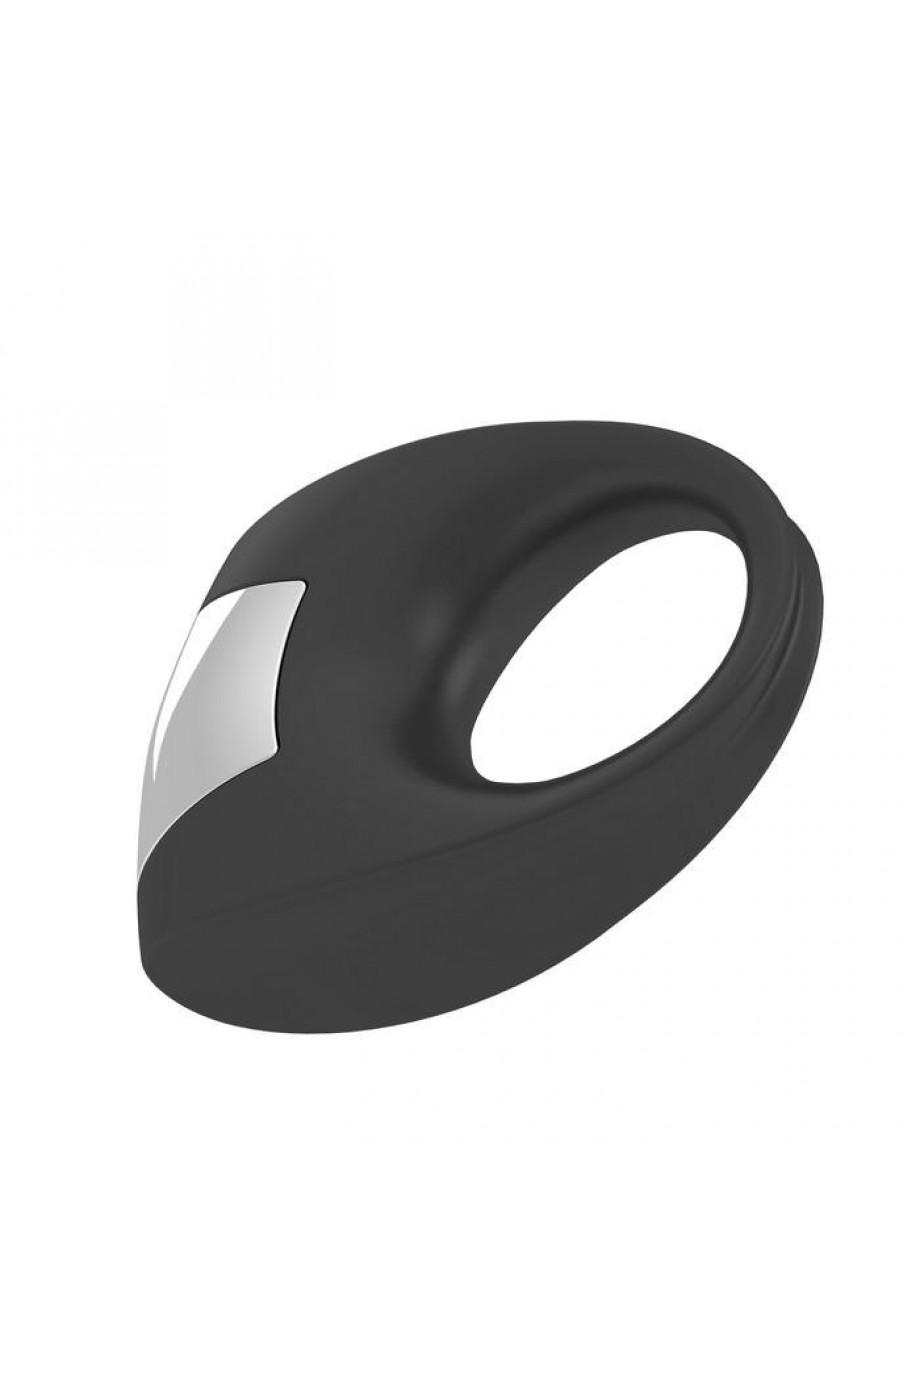 Эрекционное кольцо OVO с удобной кнопкой включения и сильной вибрацией, силиконовое, черное